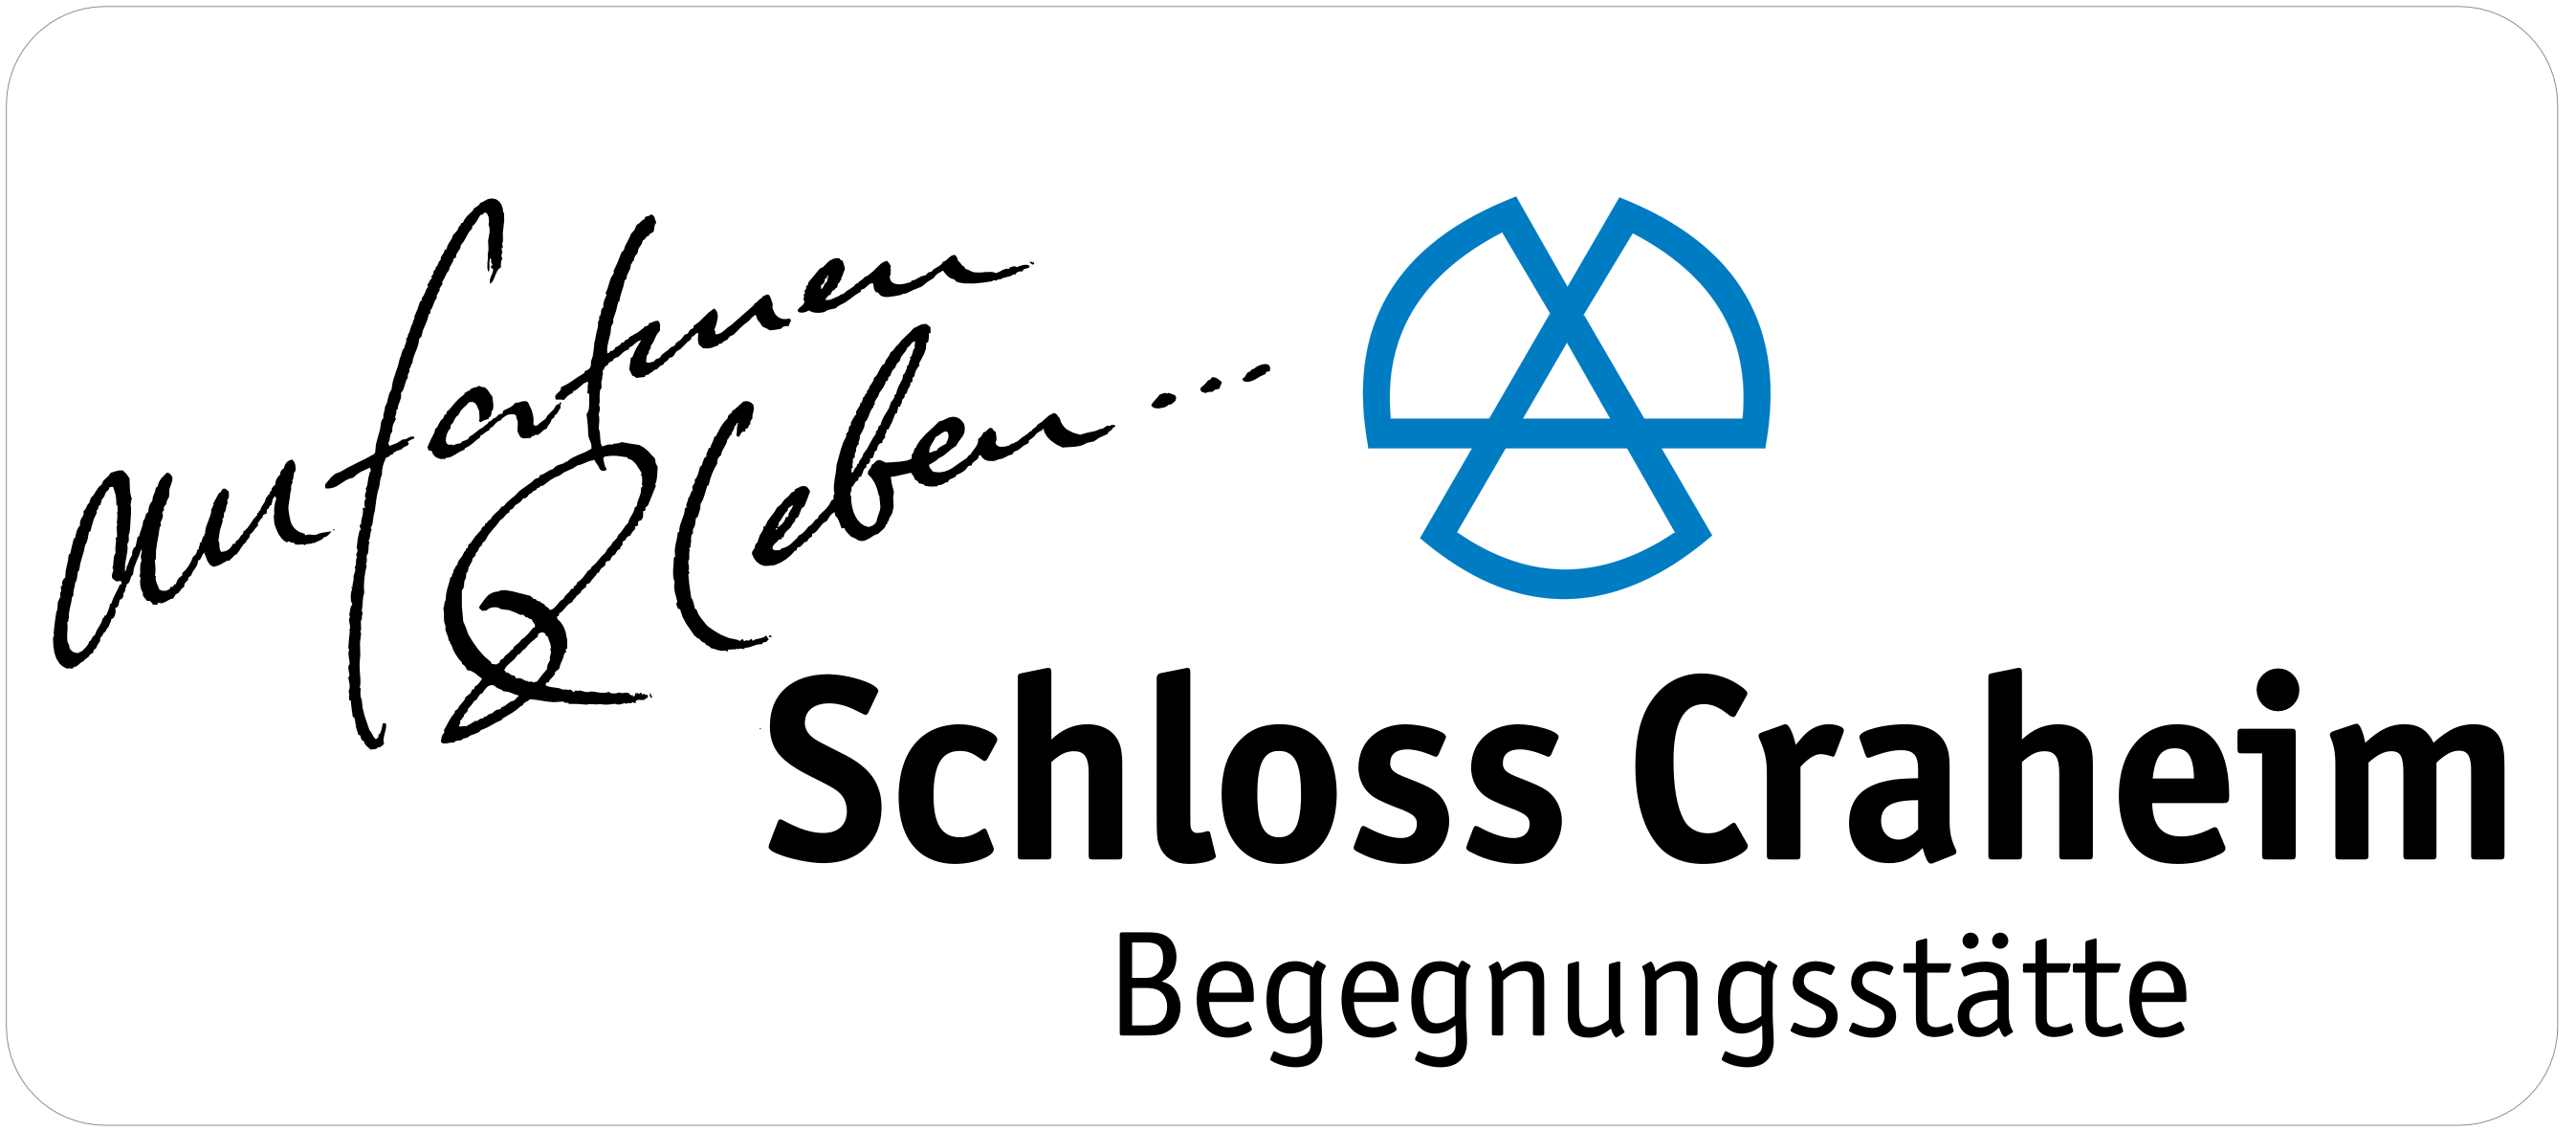 Schloss Craheim Begegnungsstätte